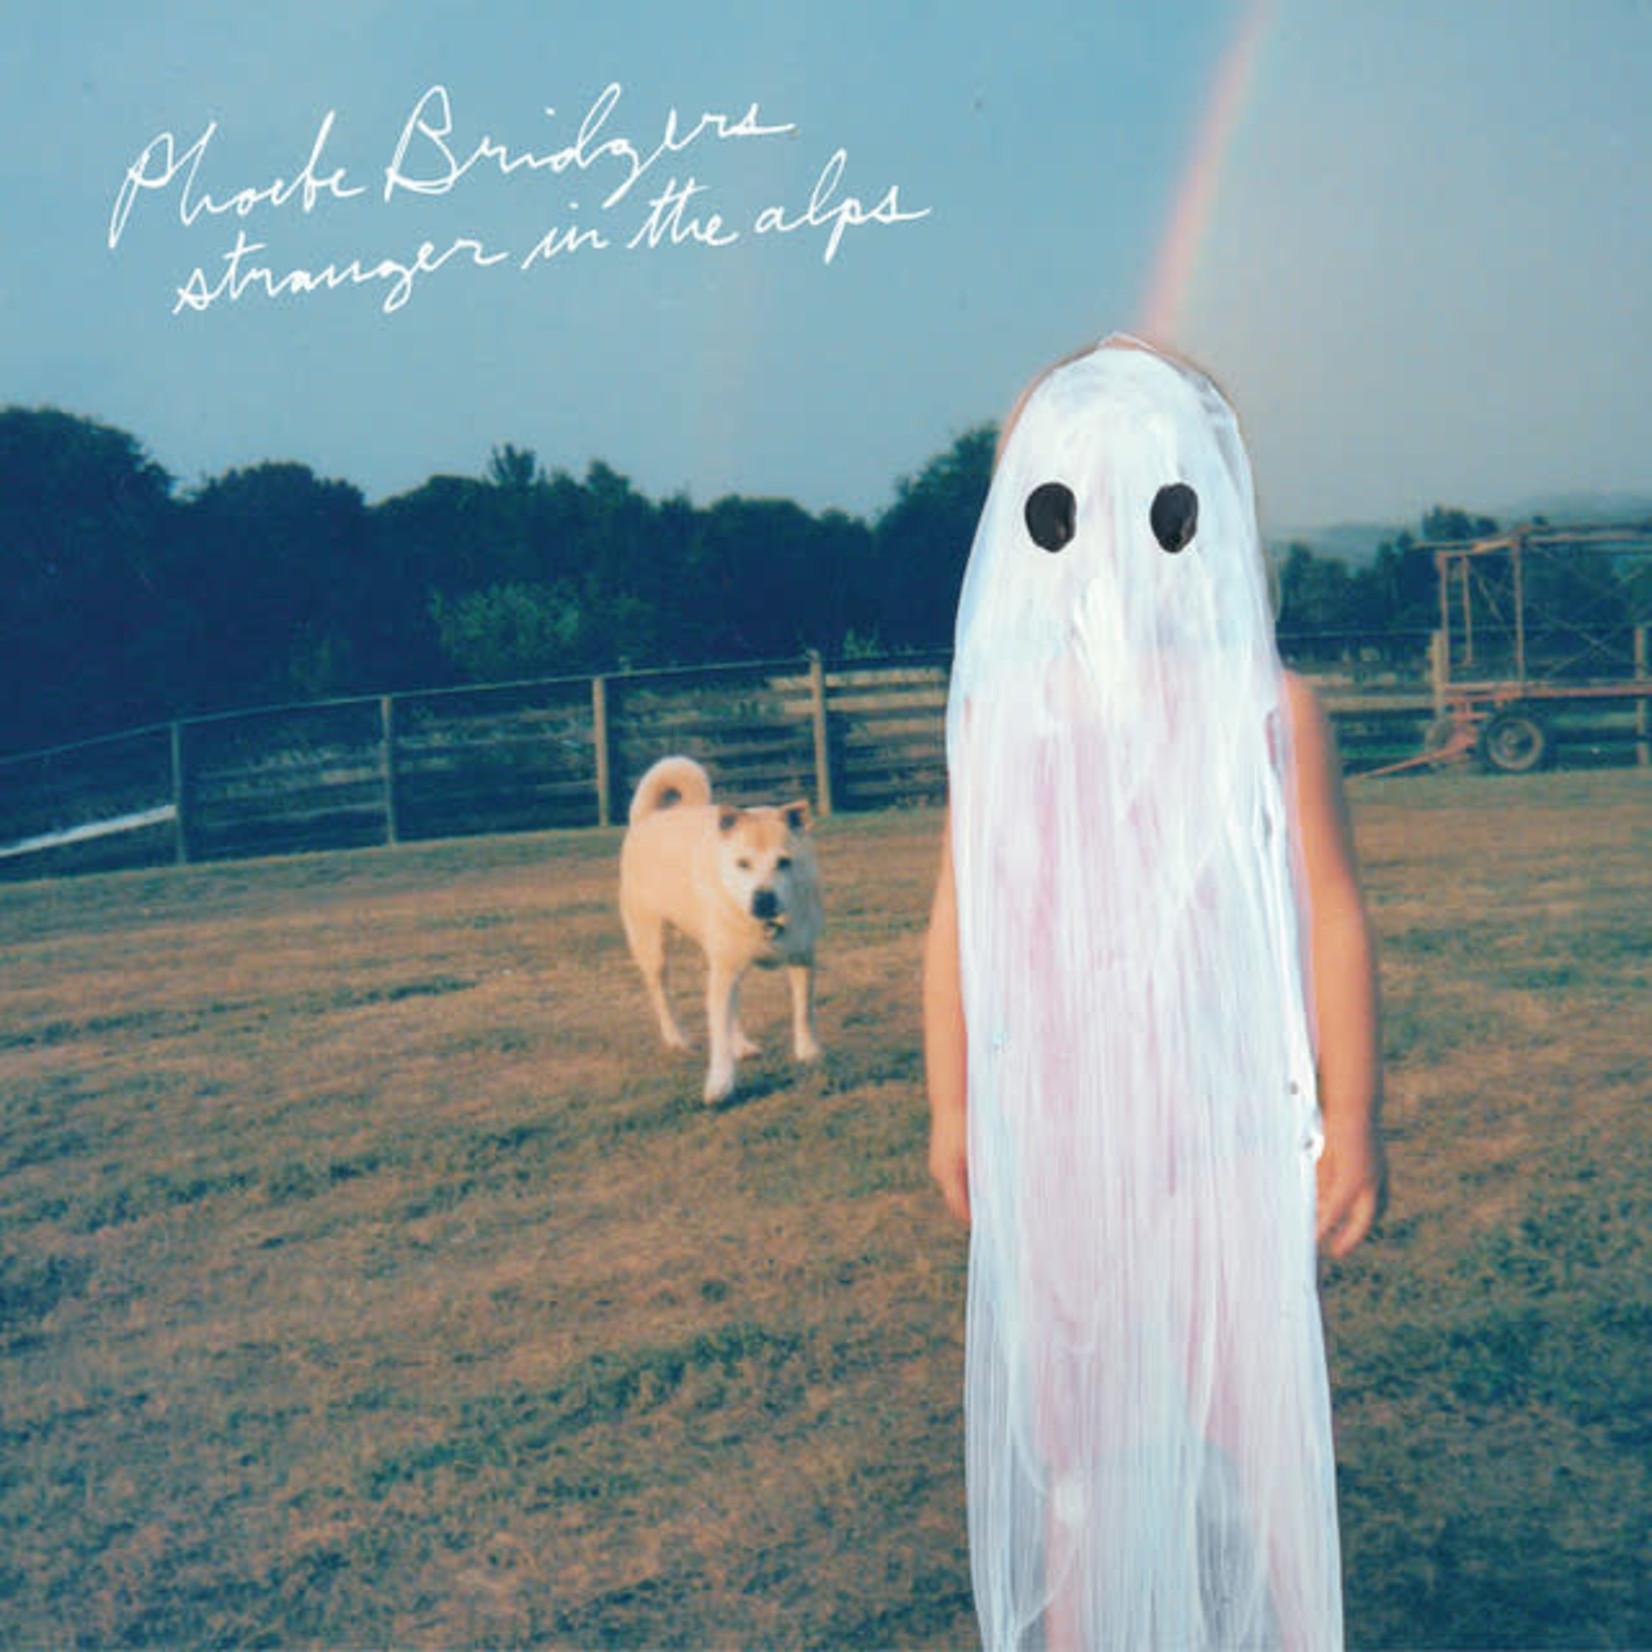 Vinyl Phoebe Bridgers - Strangers In The Alps